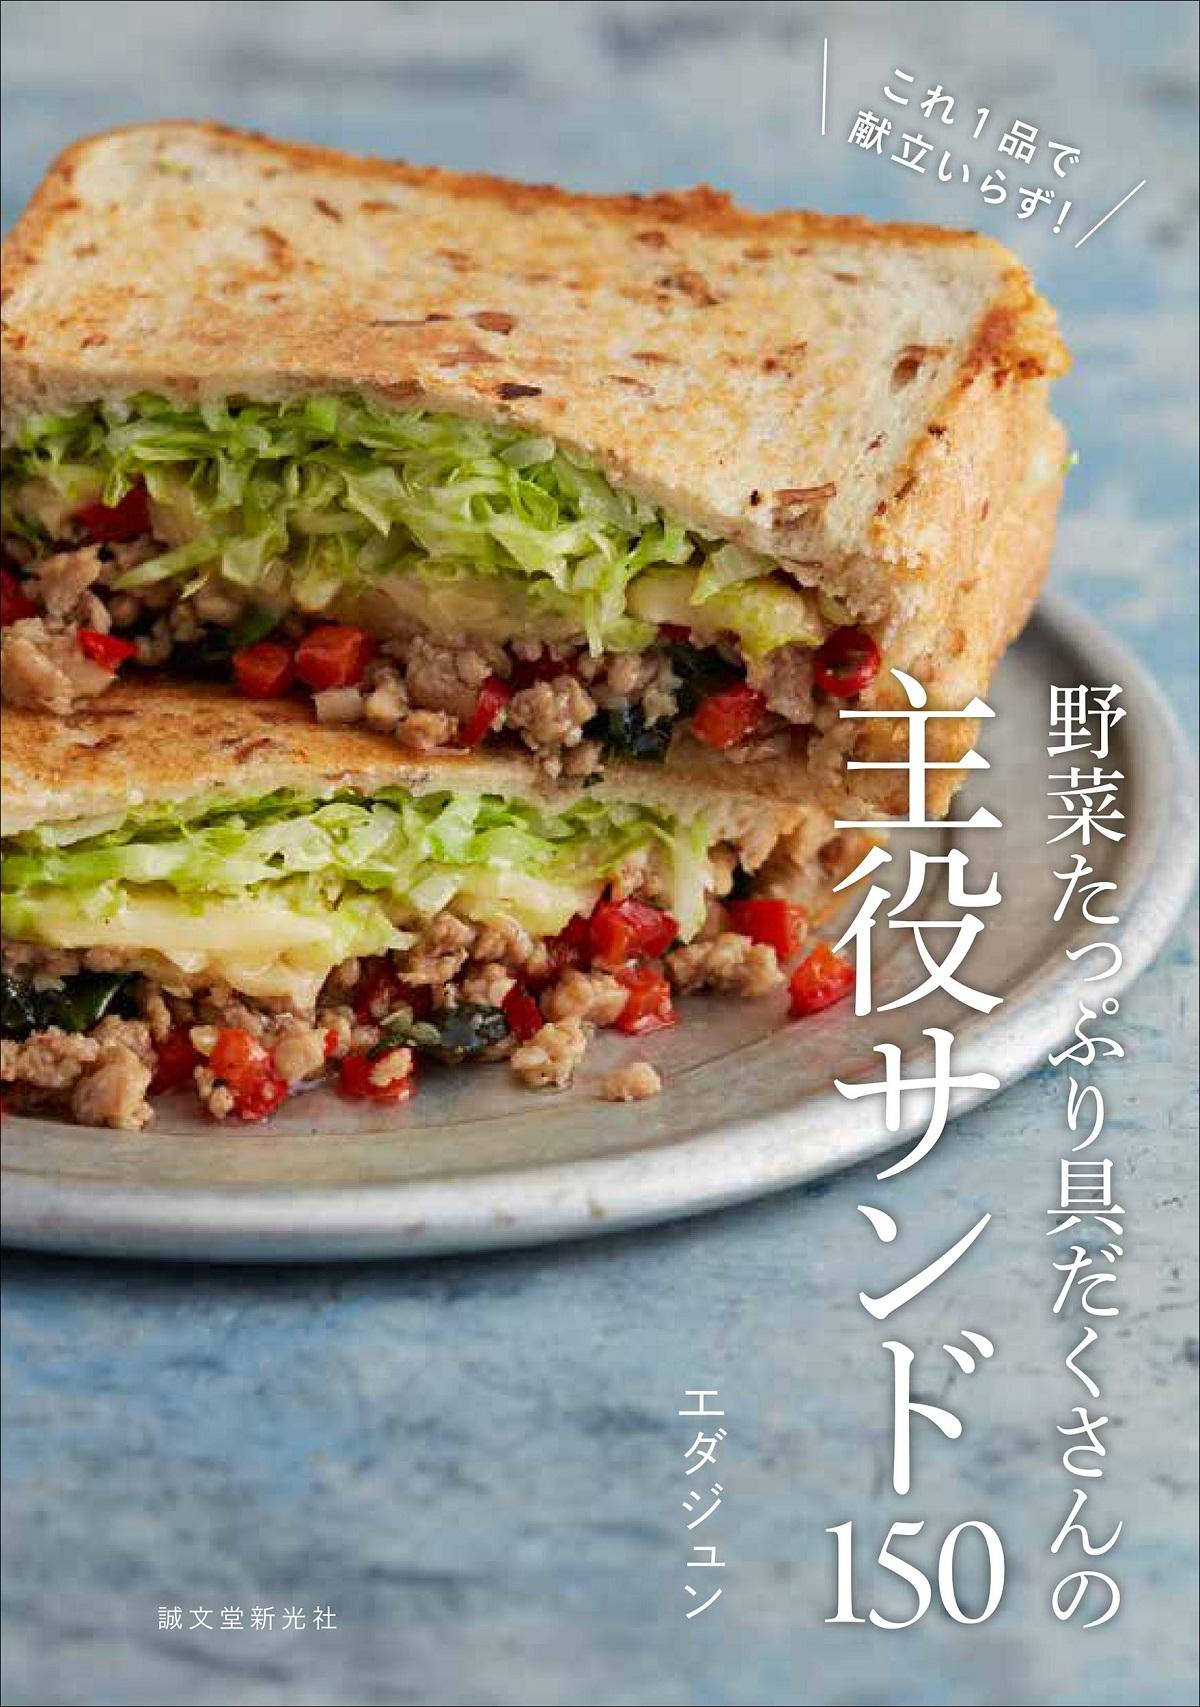 画像は、『野菜たっぷり具だくさんの主役サンド150』(誠文堂新光社)